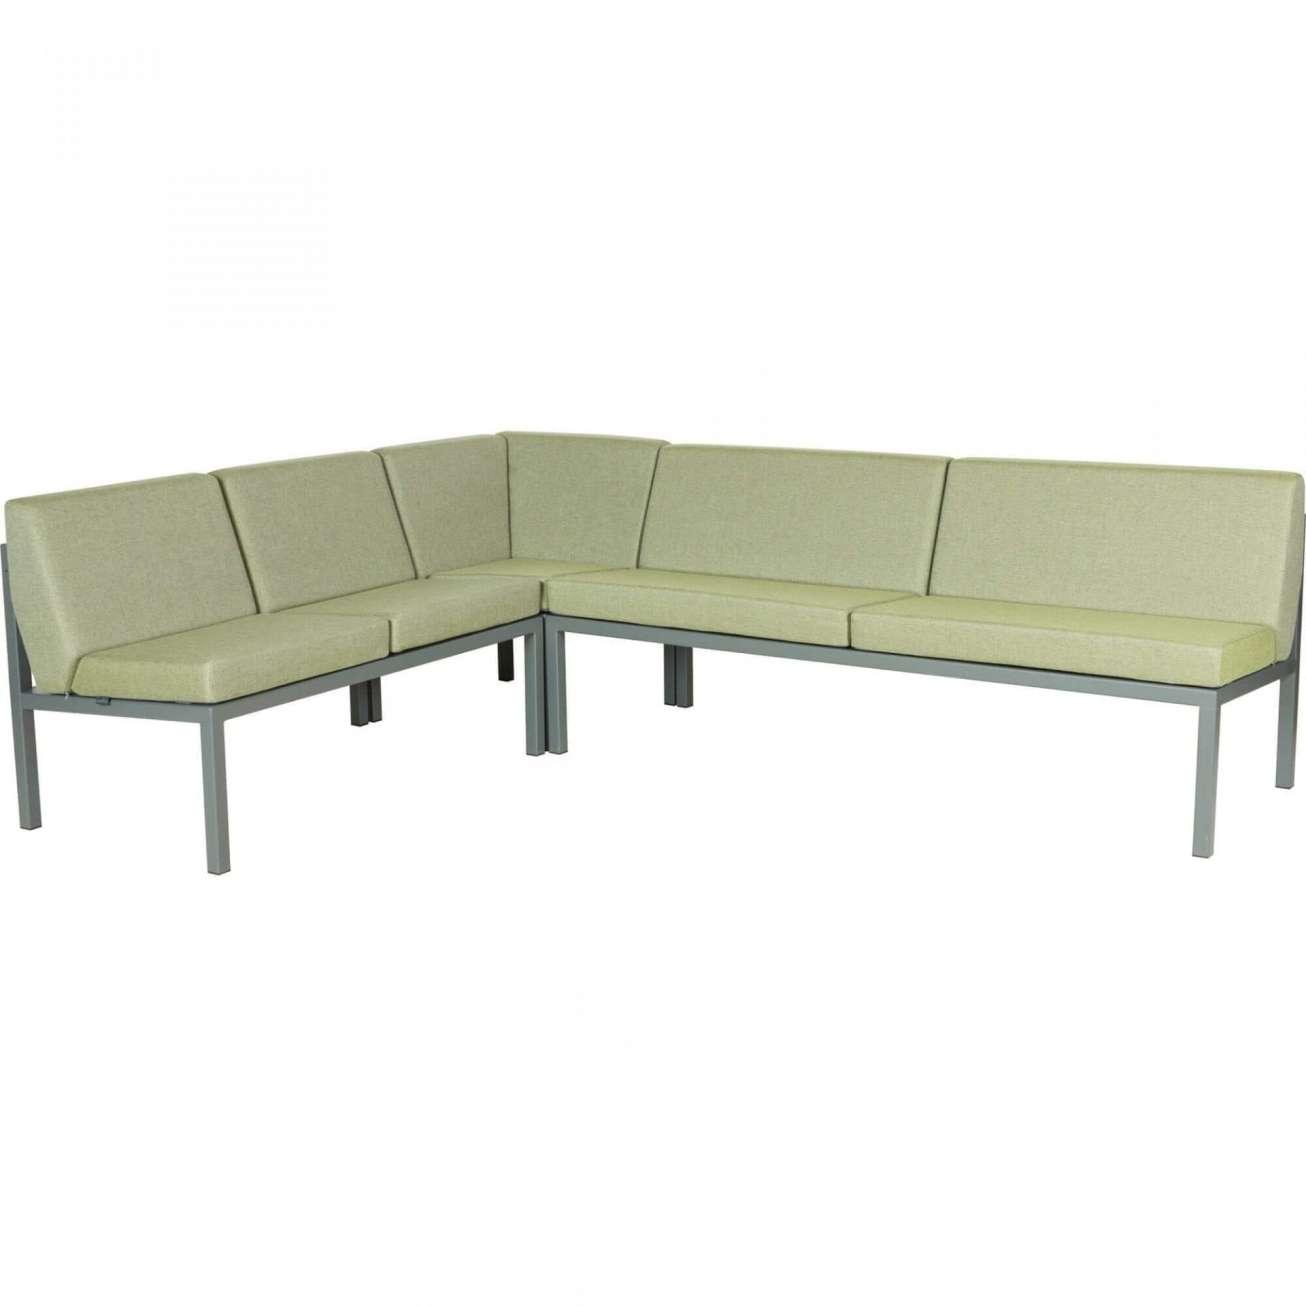 Sundays Frame Multi sofa hjørnegruppe i mørkgrå aluminium med grønne puter